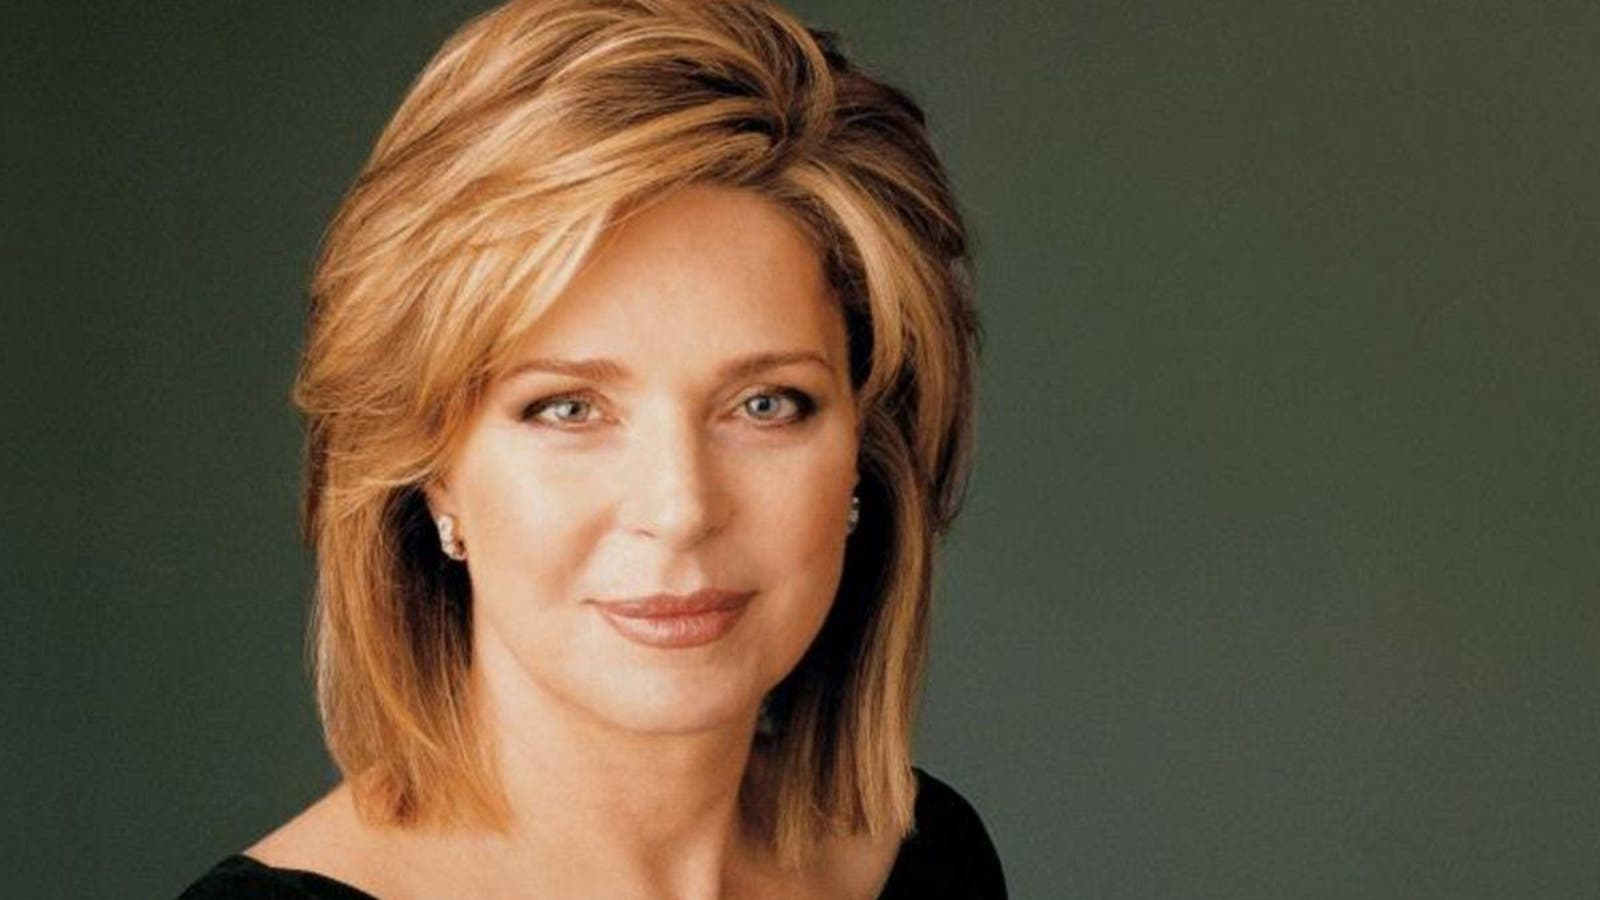 الملكة نور تتهم السلطات الأردنية بتنفيذ عملية اغتيال شخصية لابنها الأمير حمزة